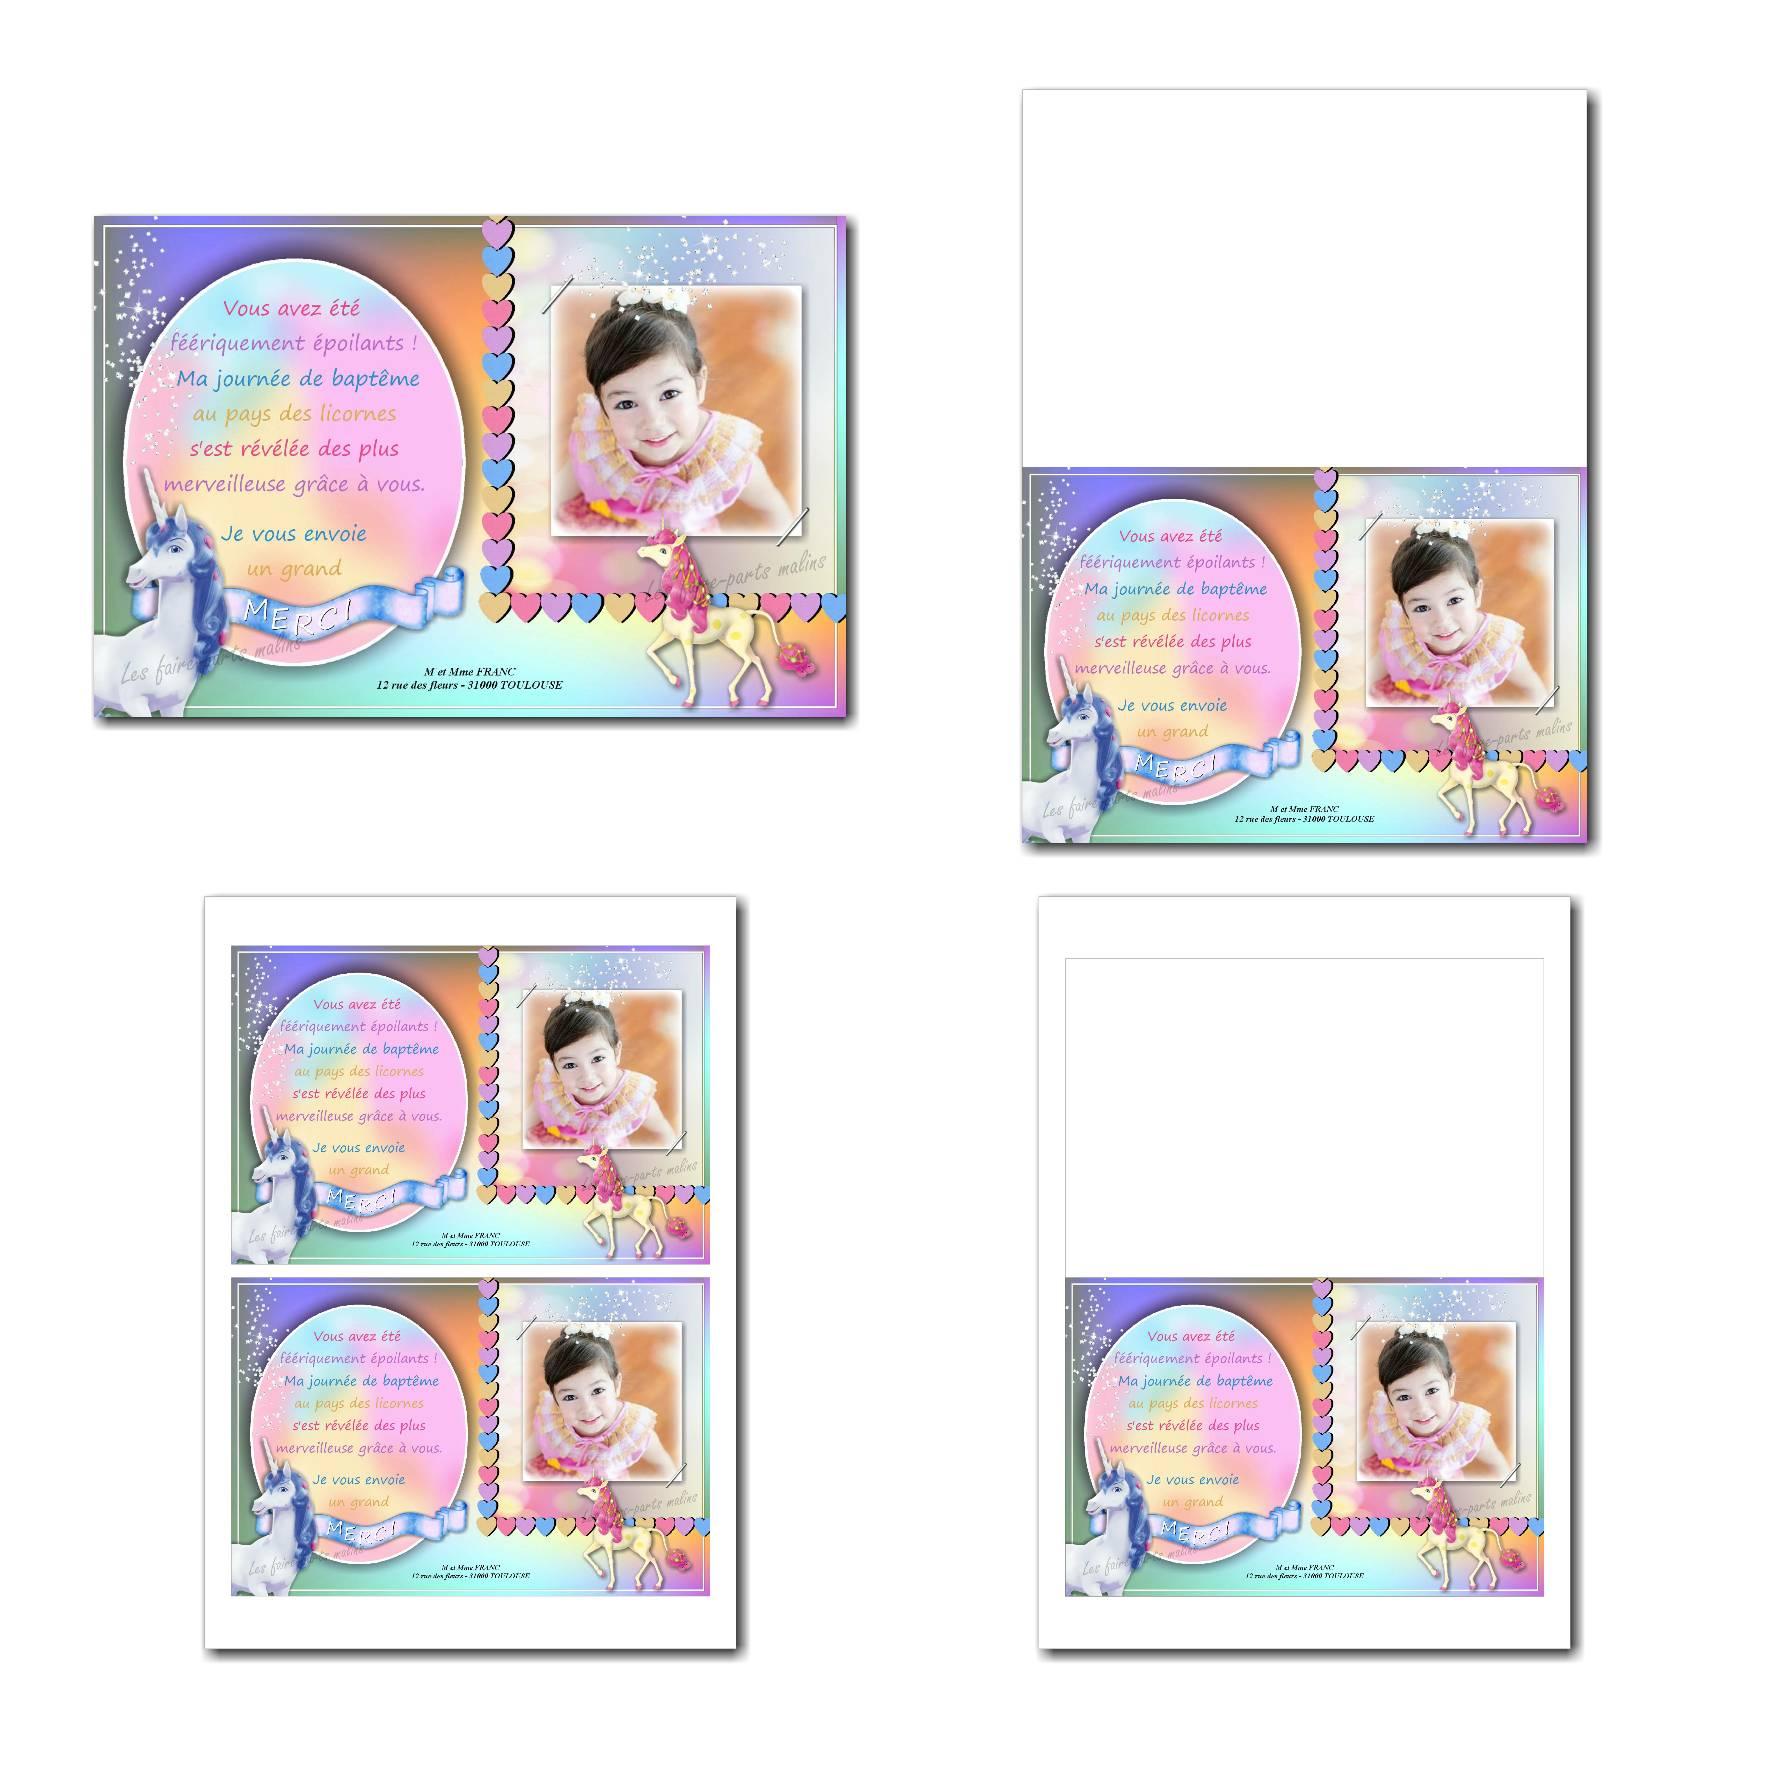 Carte de remerciements à imprimer couleurs pastels avec licorne